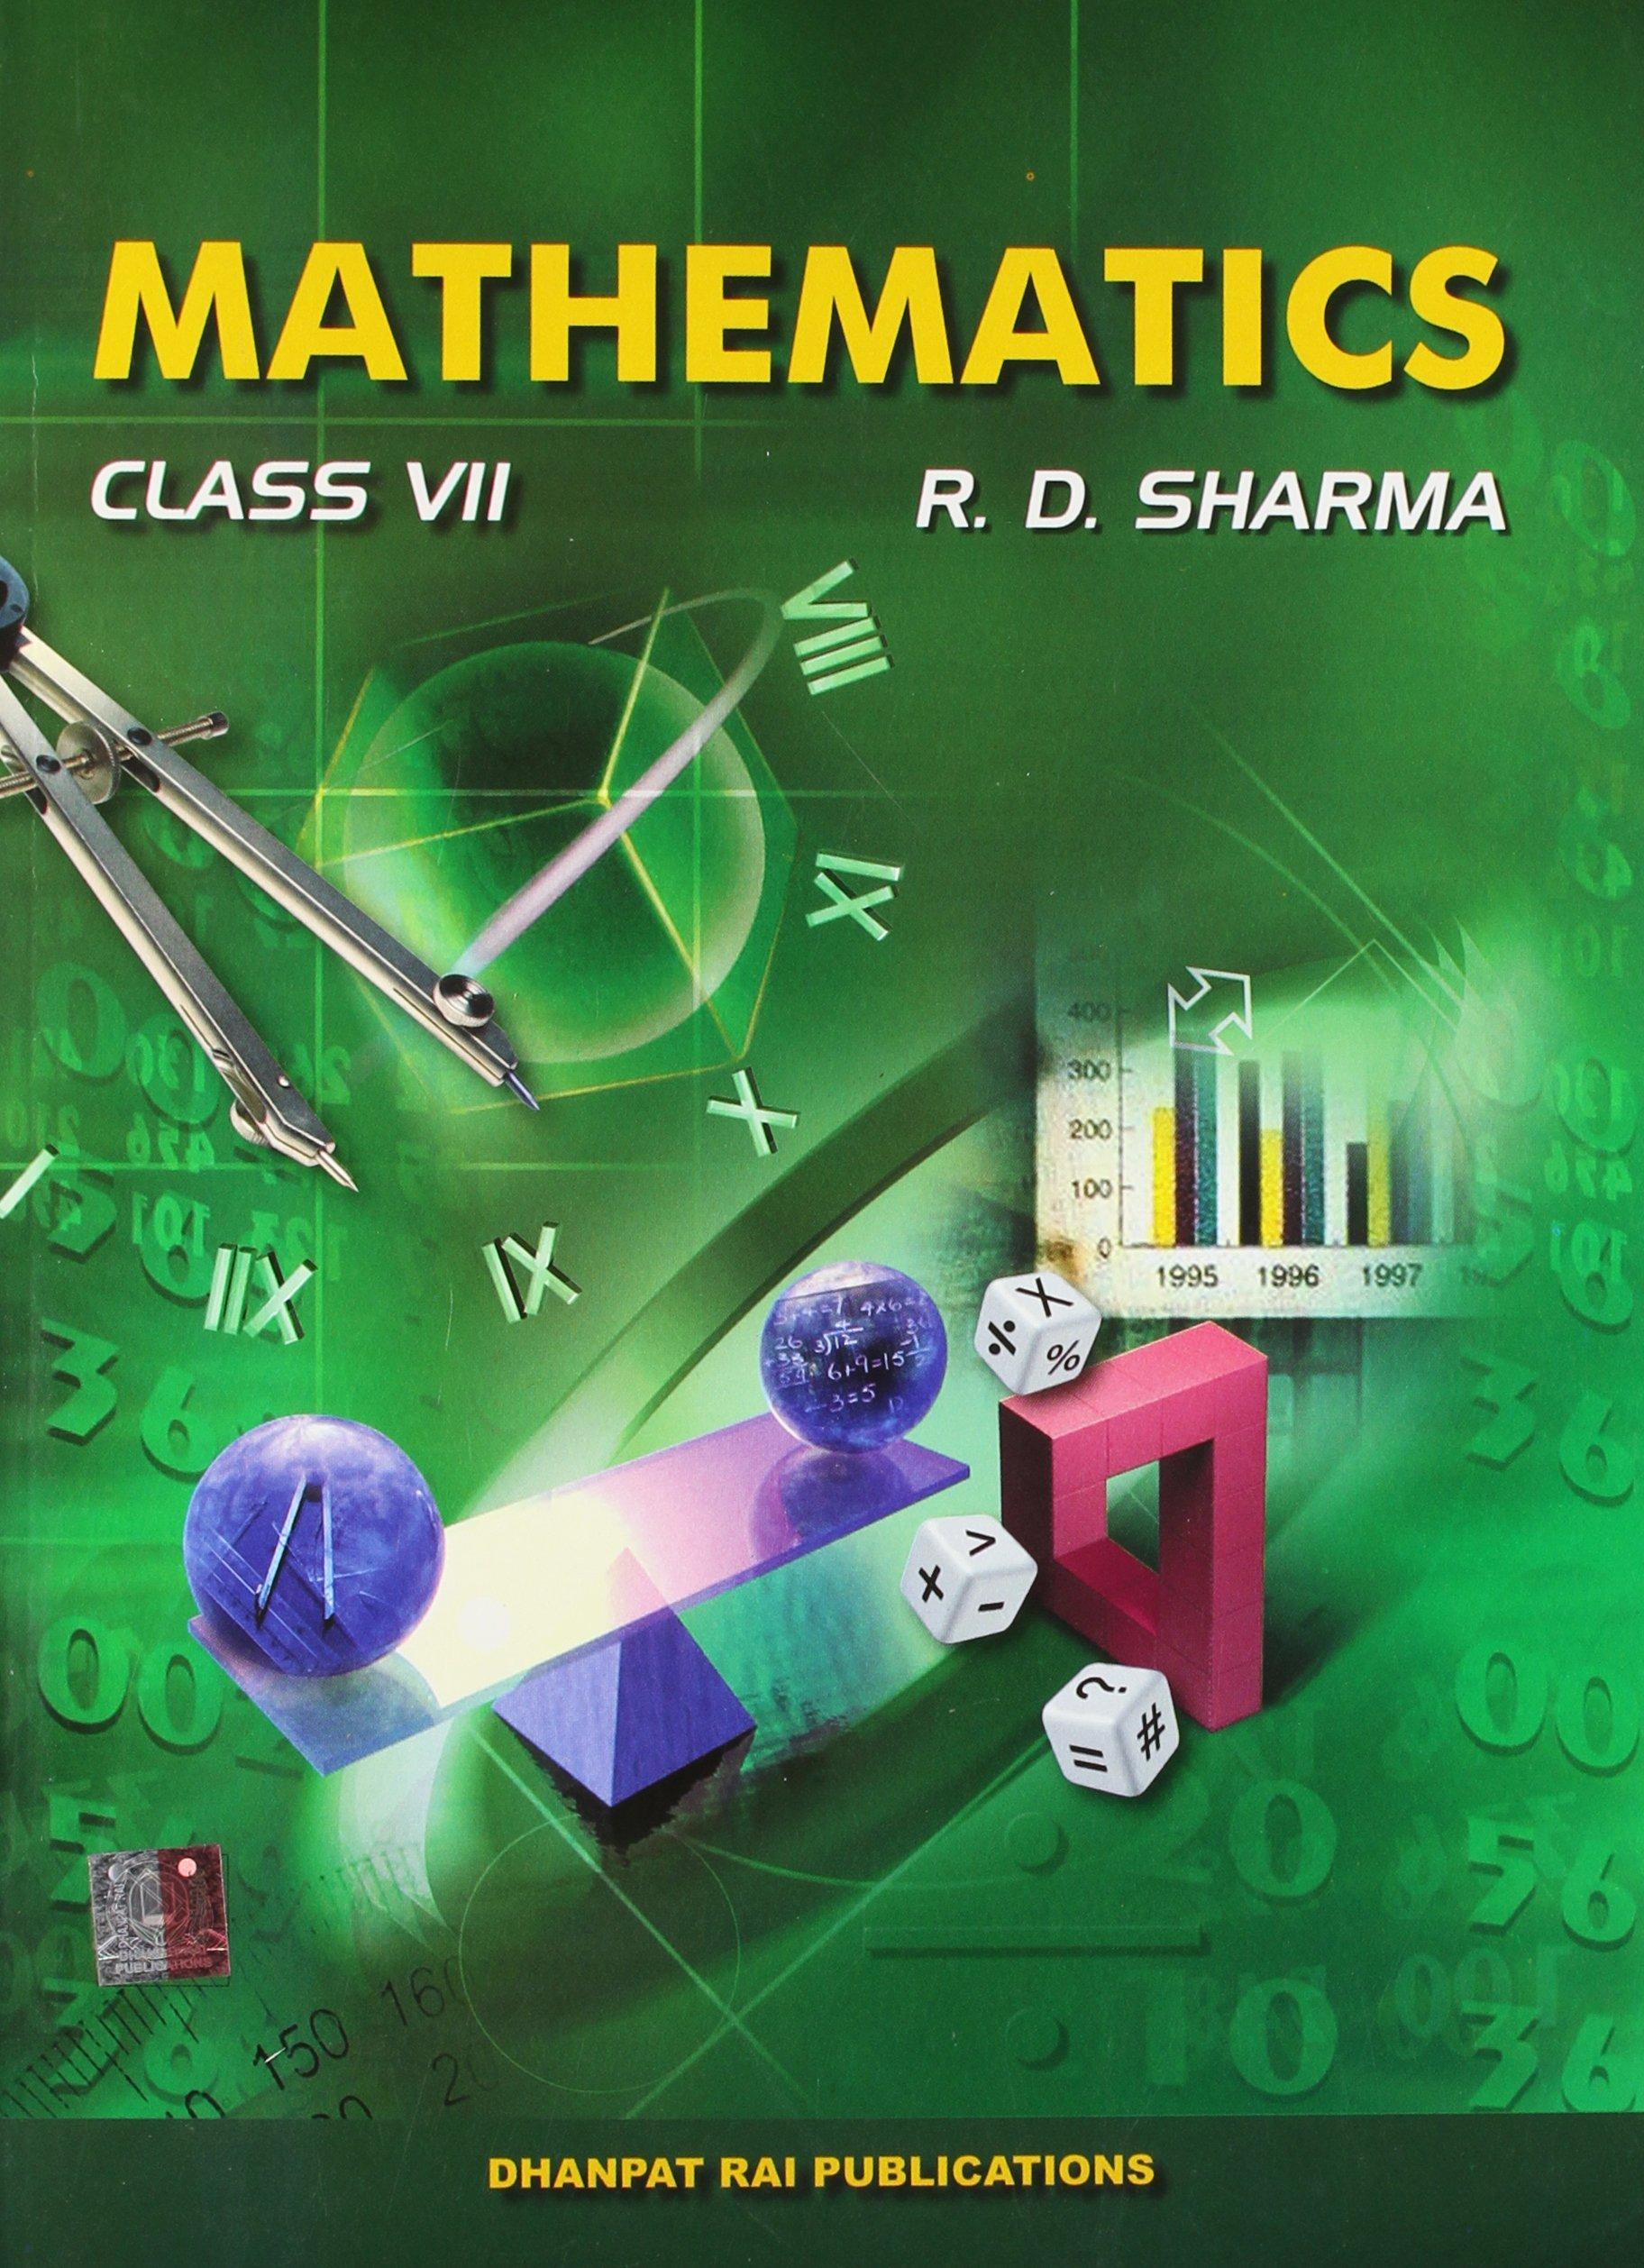 Cbse 8th Class Maths Textbook Pdf